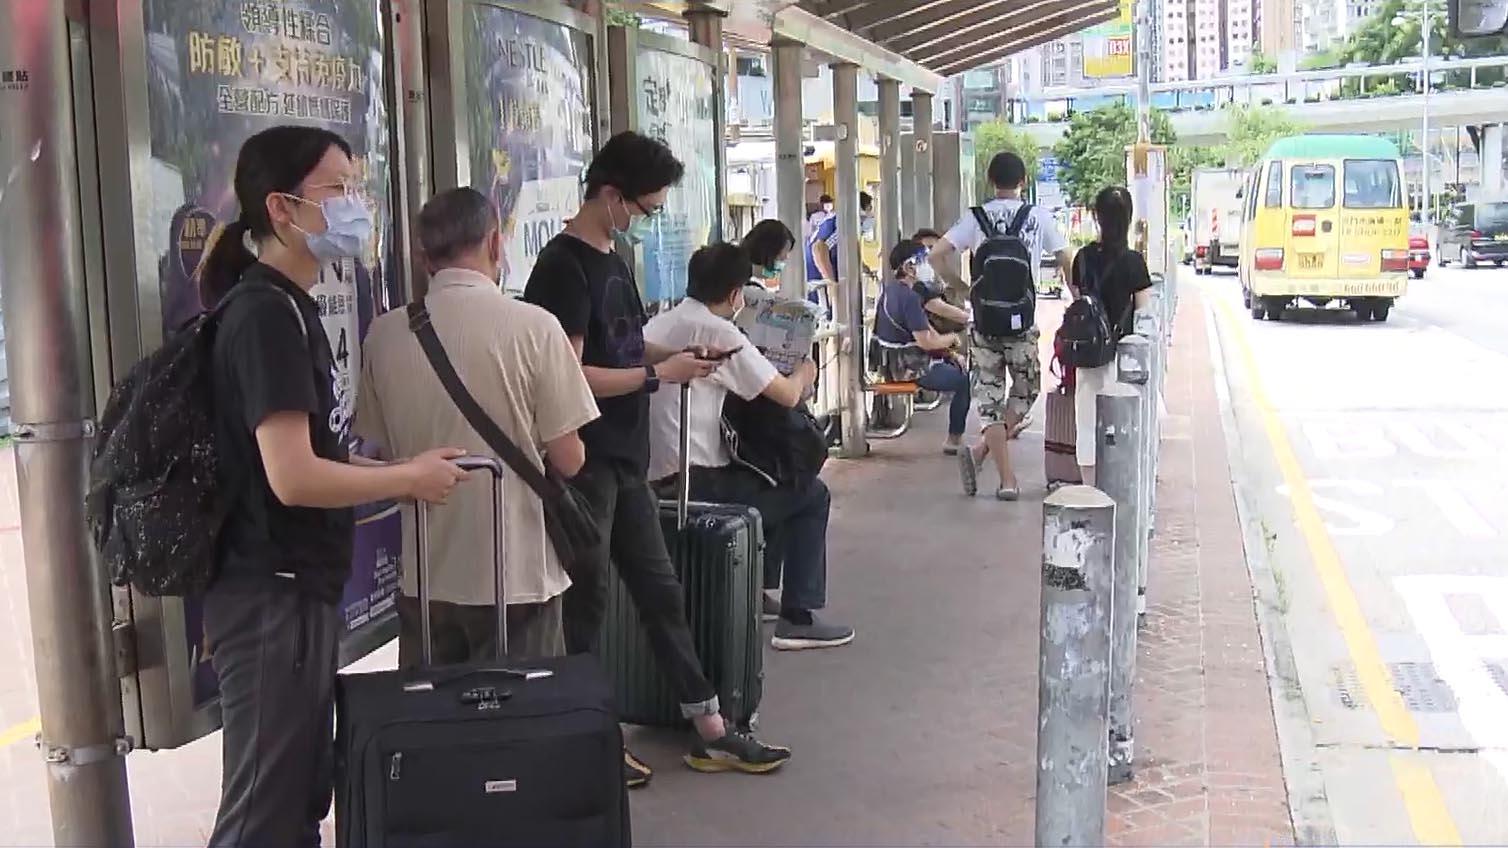 廣東收緊檢疫措施 有旅客趕在生效前入境內地